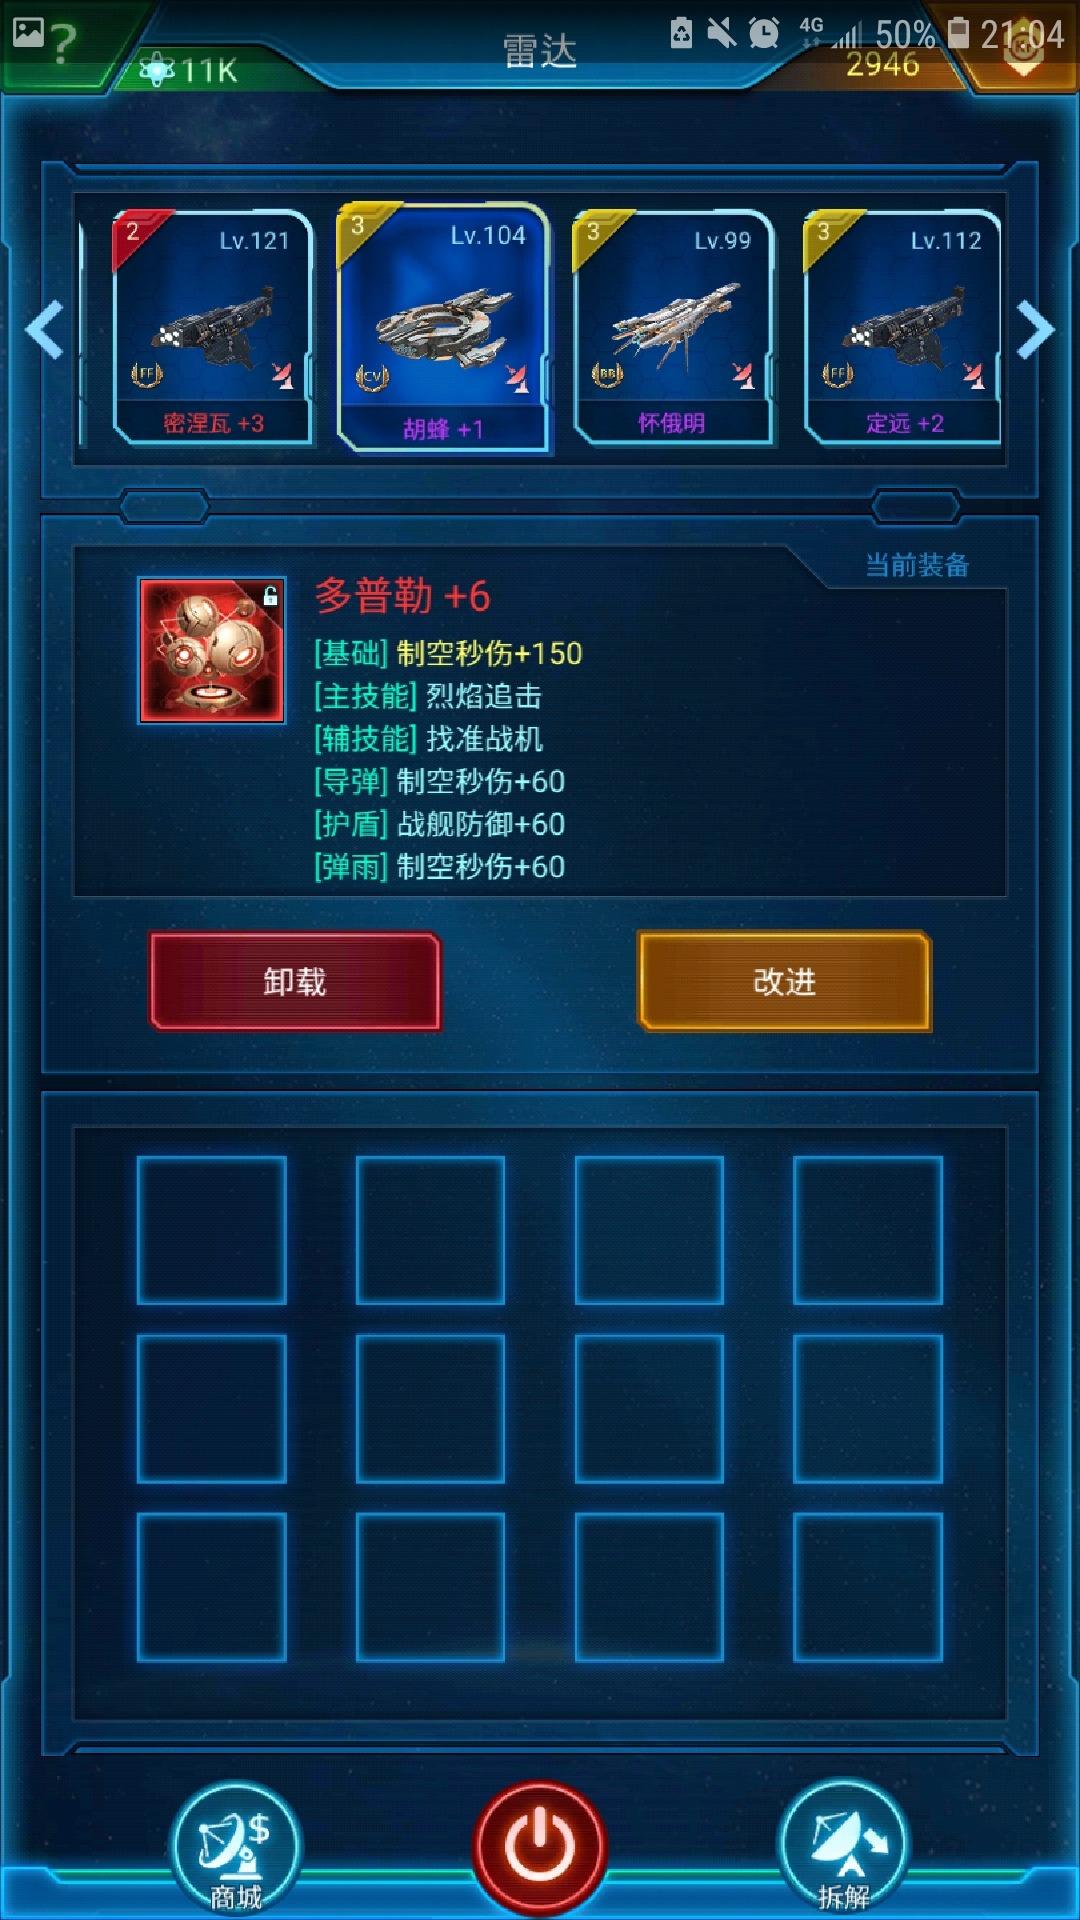 Screenshot_20190317-210406.jpg